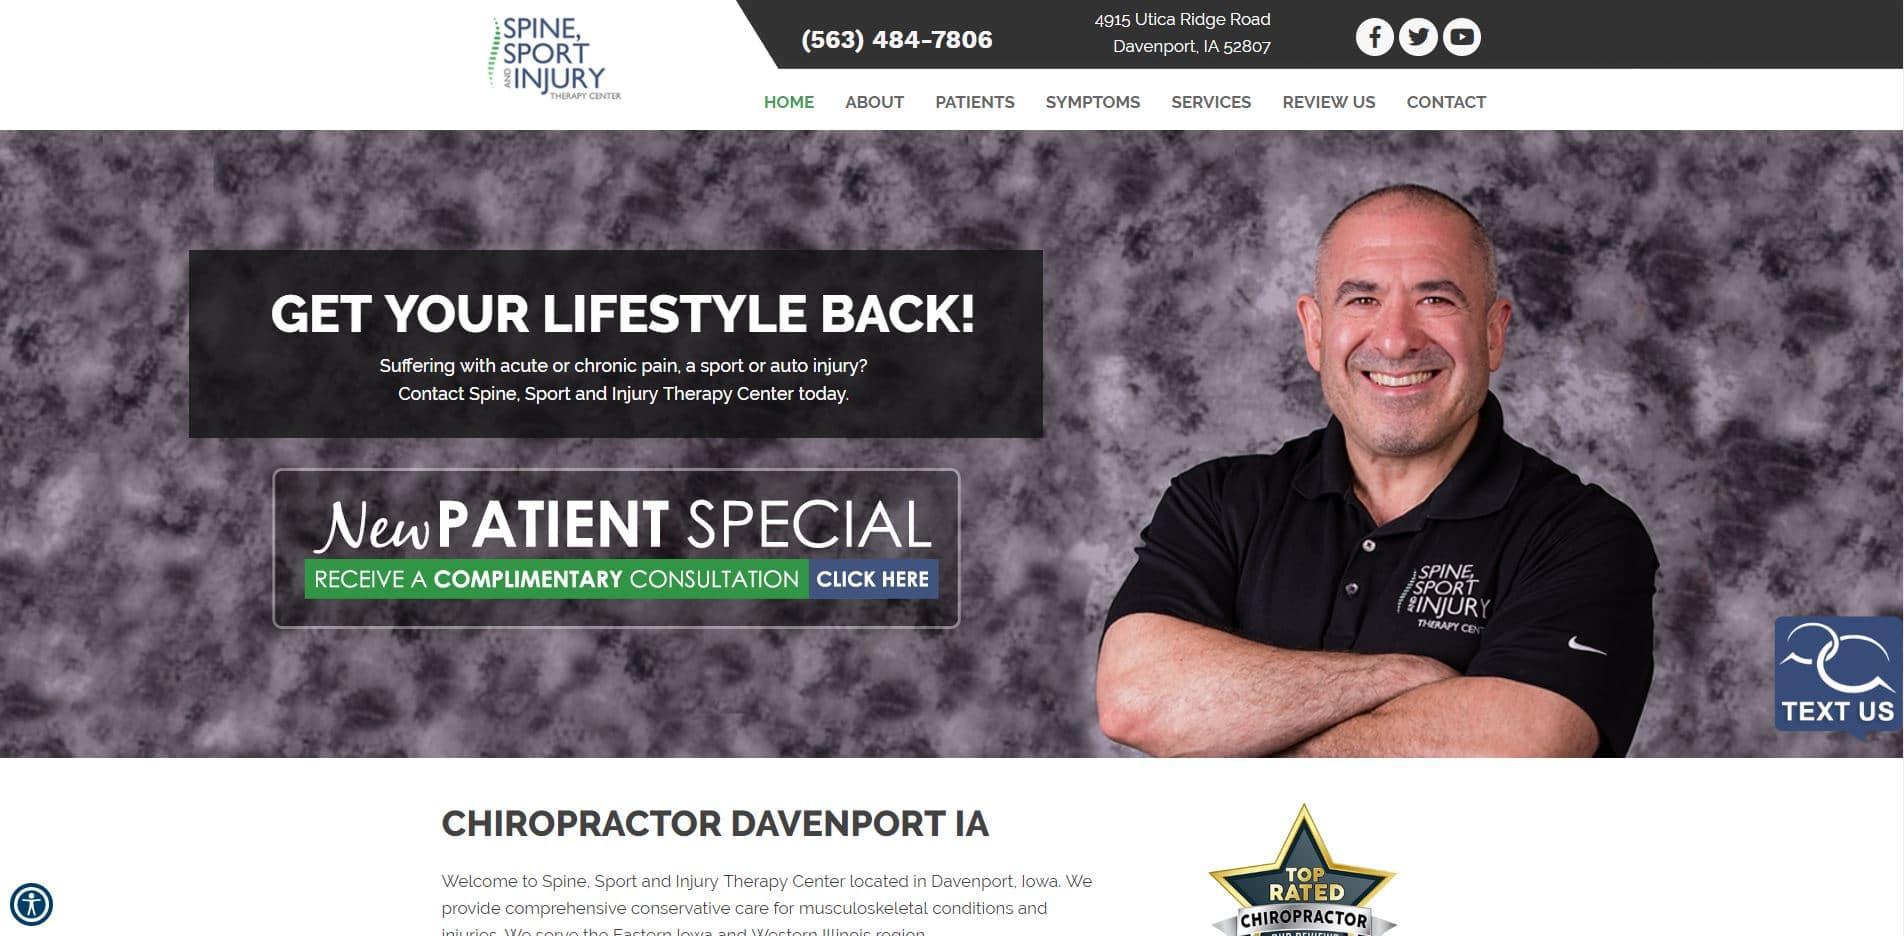 Chiropractor in Davenport